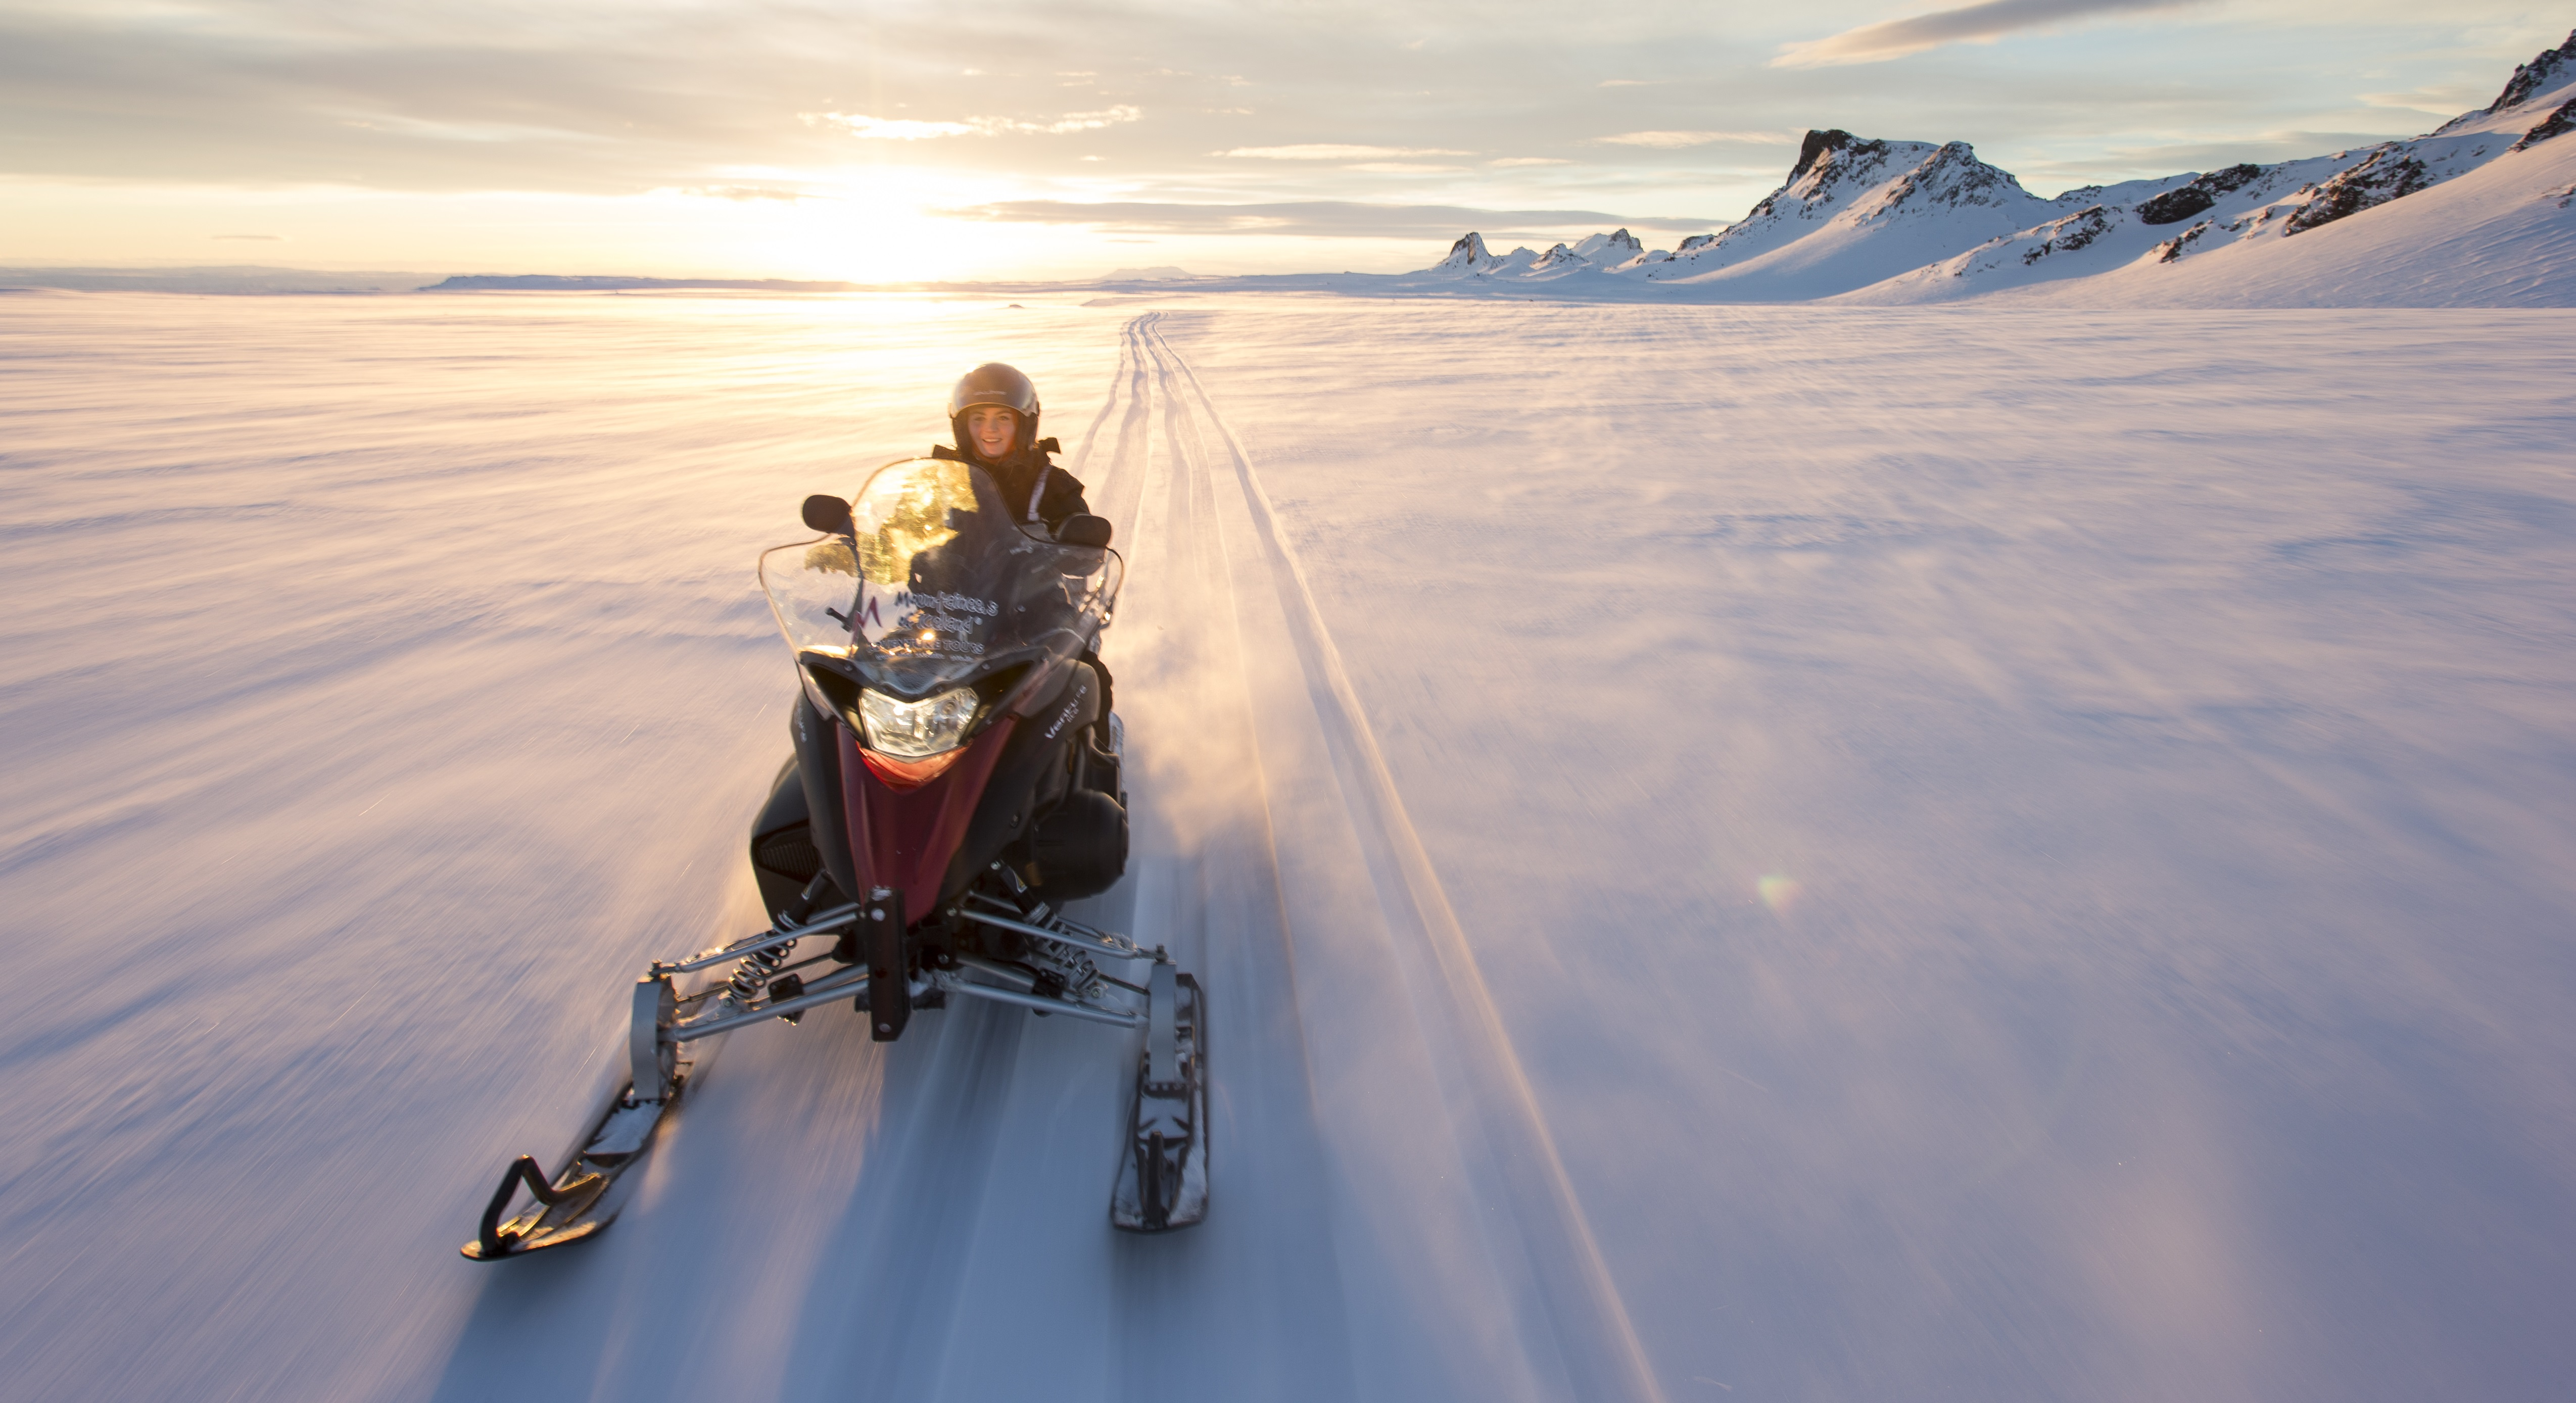 Получите удовольствие от катания на снегоходах по вершине ледника Лаунгйёкютль в Исландии.